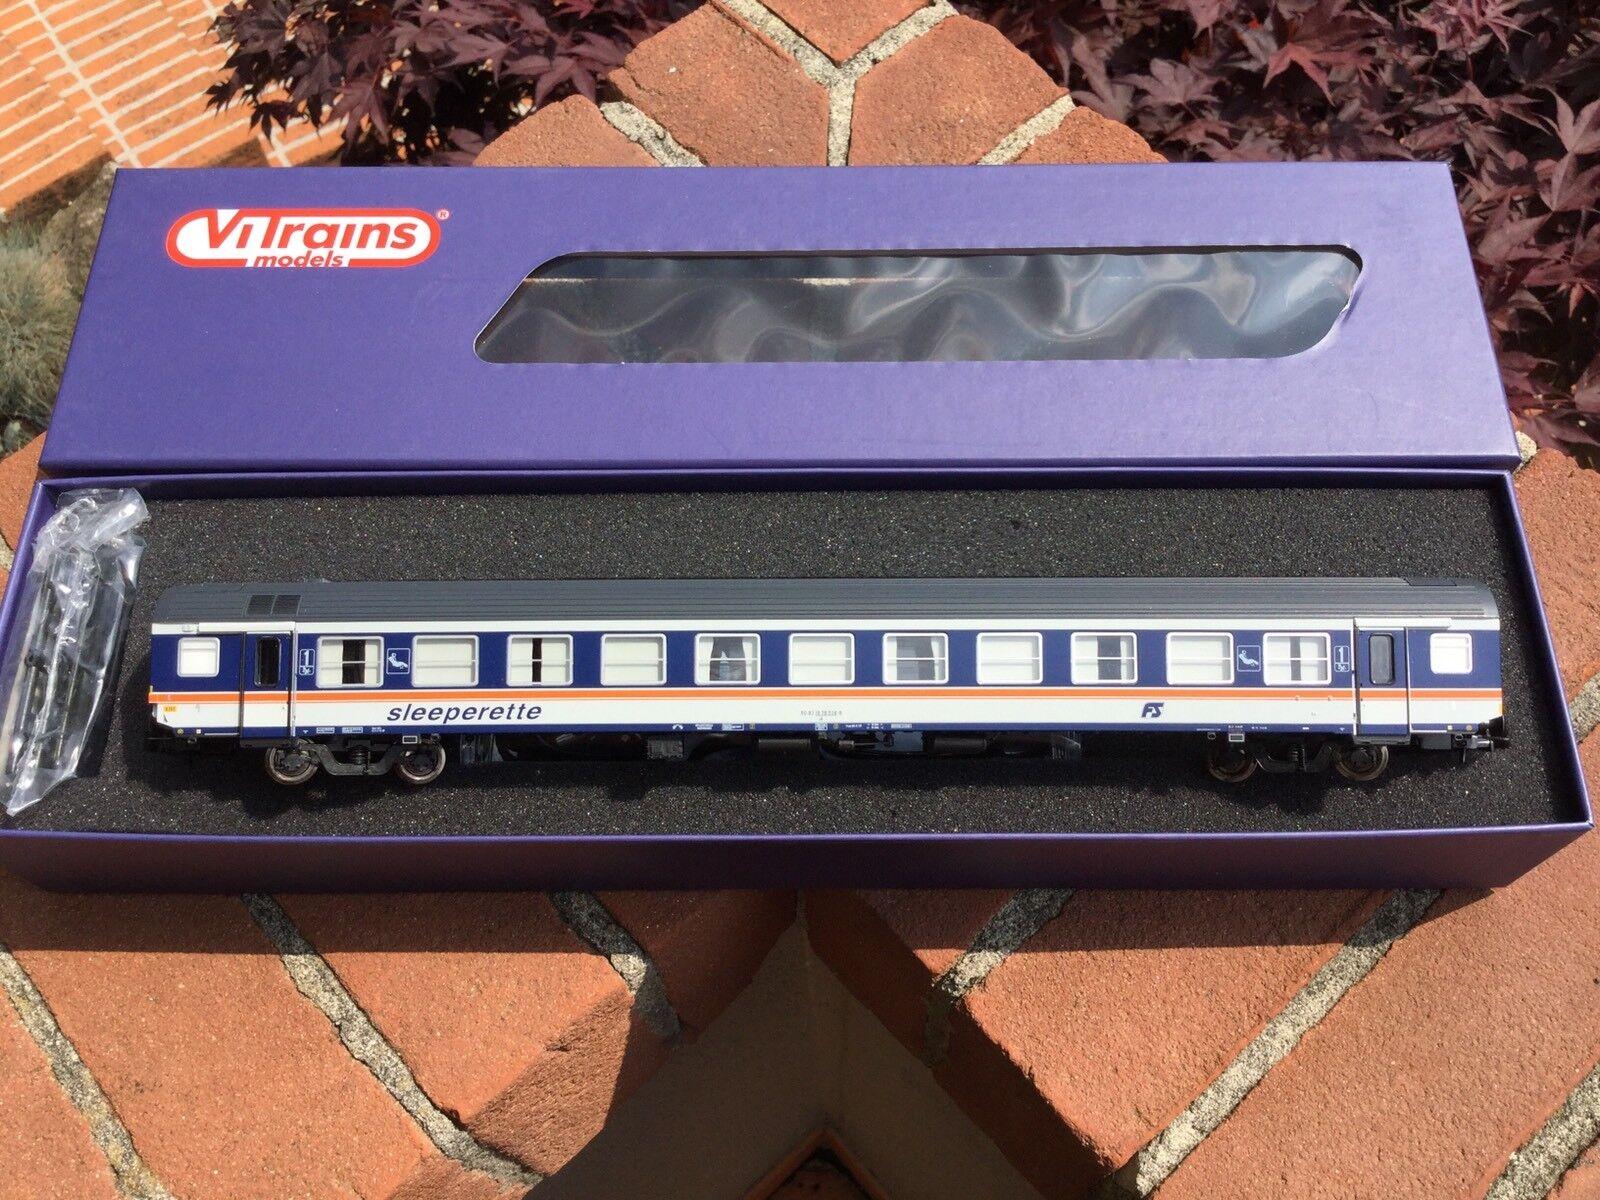 controlla il più economico VIi treni 3085 autorozza MDVE MDVE MDVE sleeperette FS  in cerca di agente di vendita